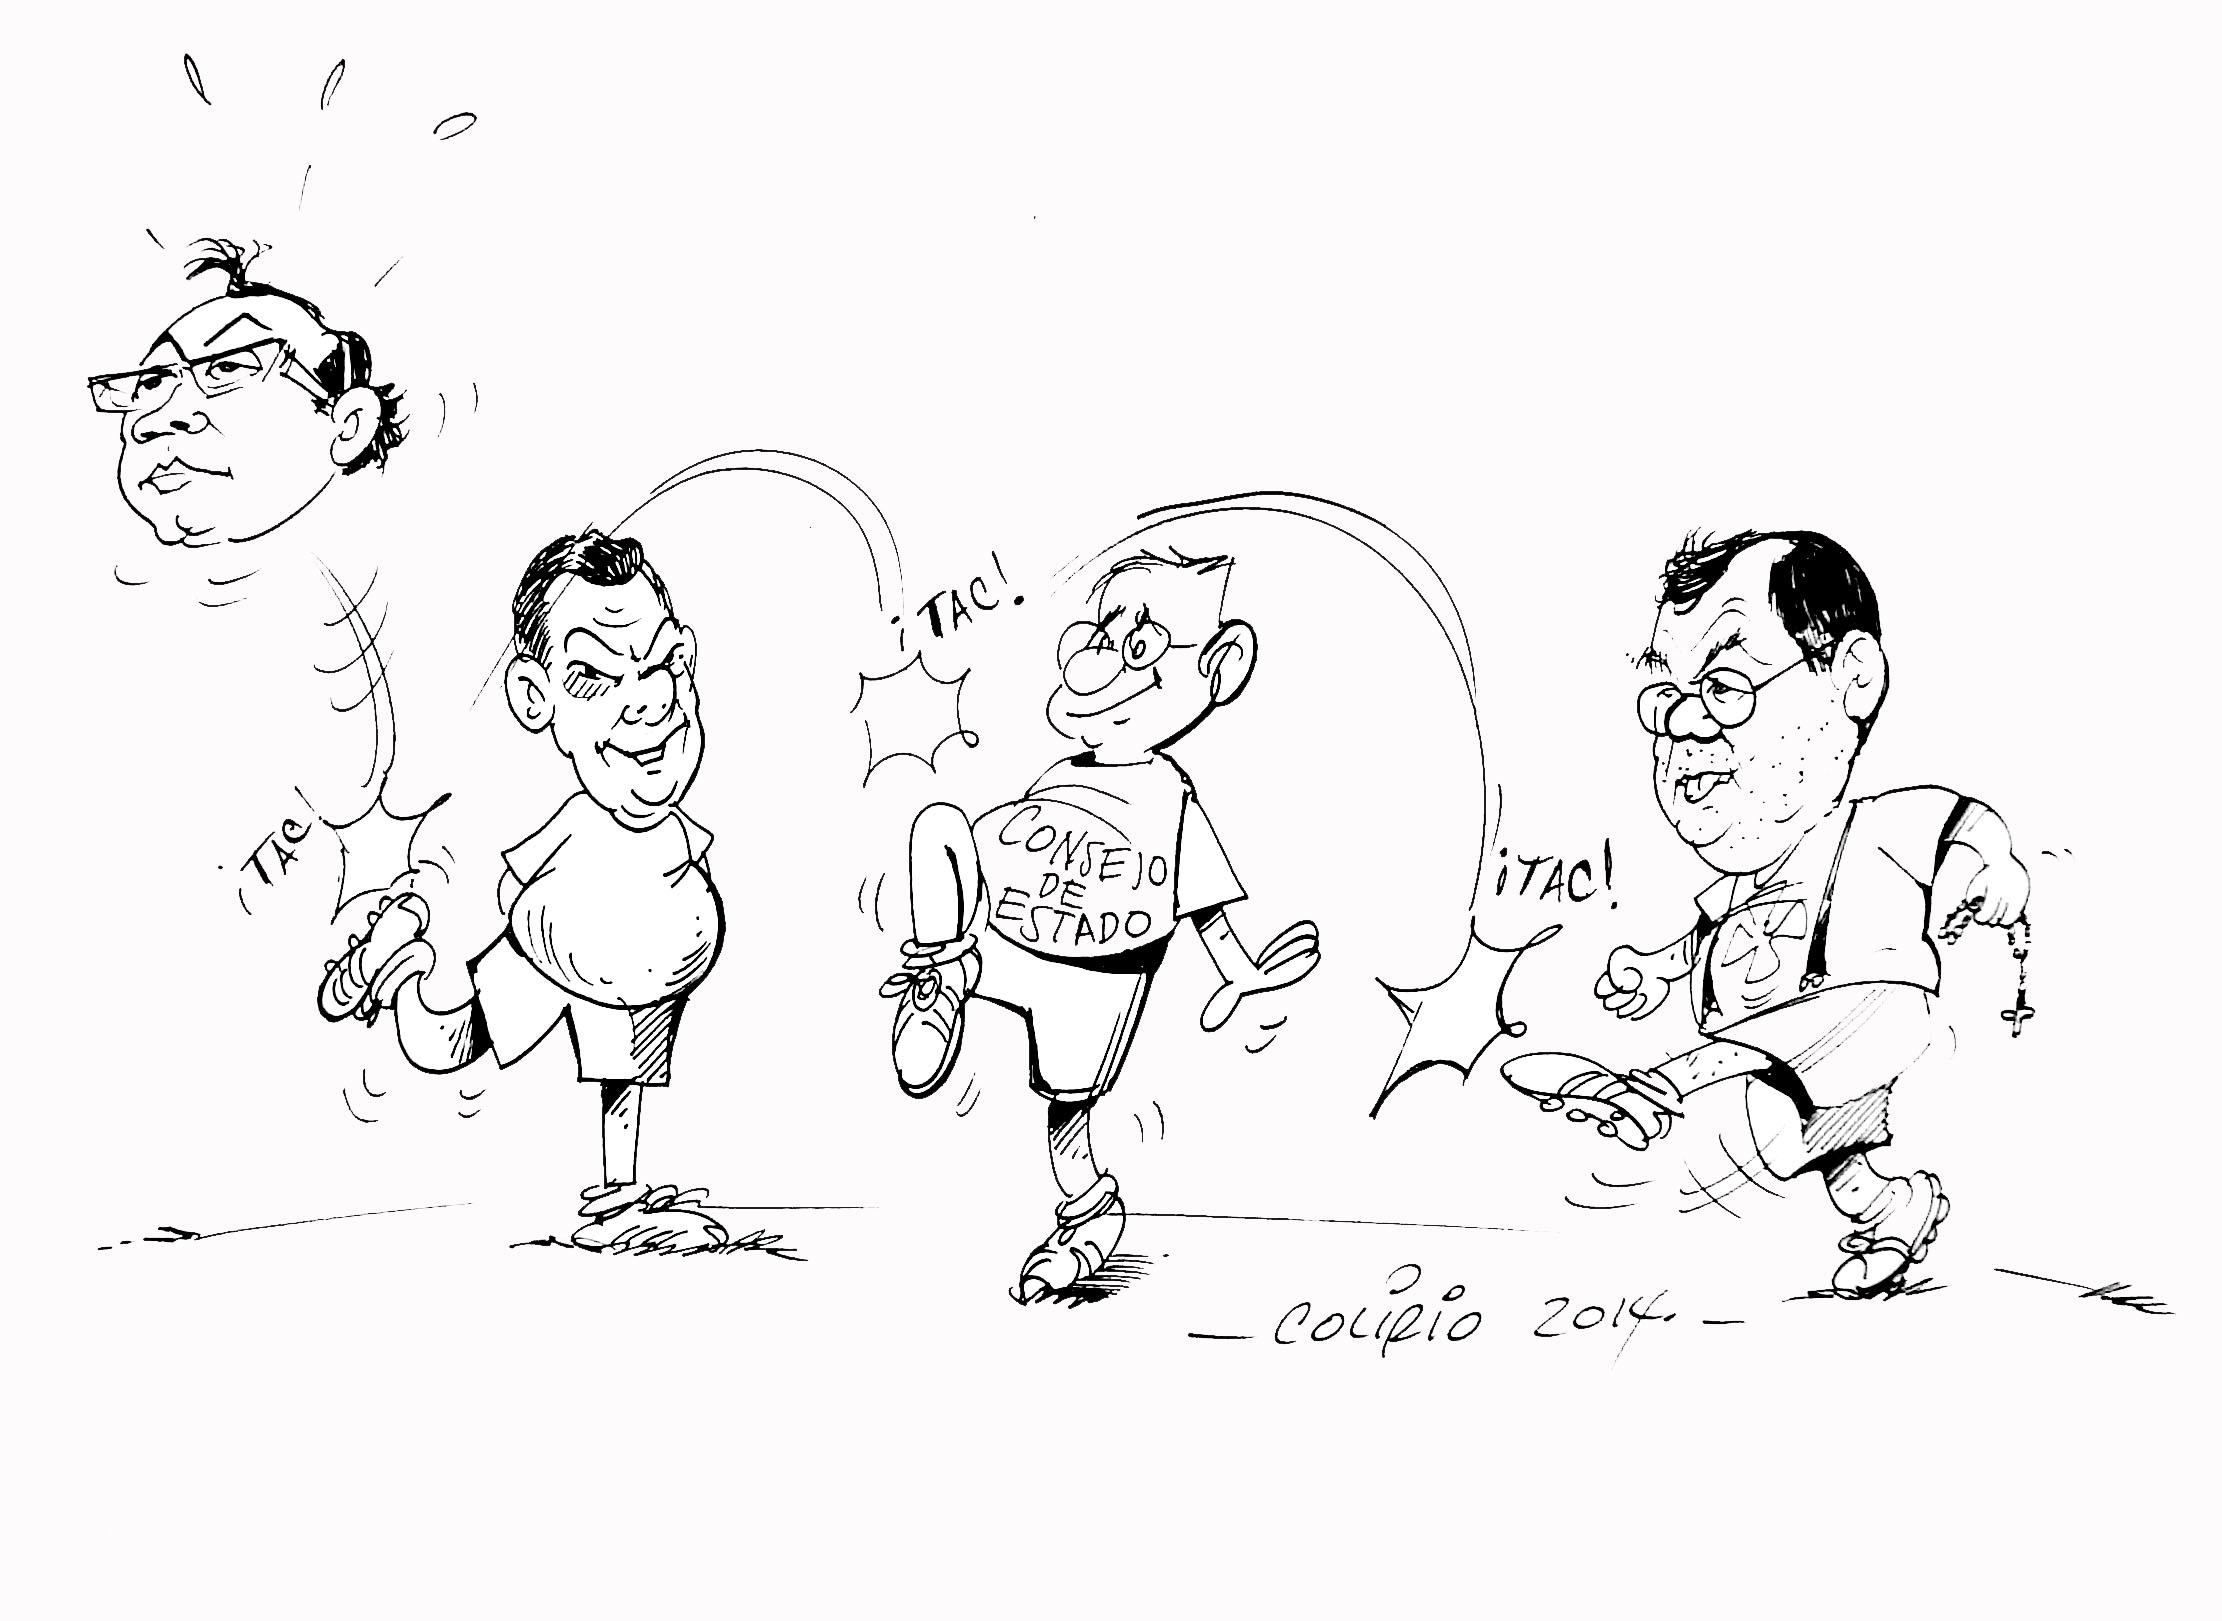 carica sabado 22 de marzo de 2014